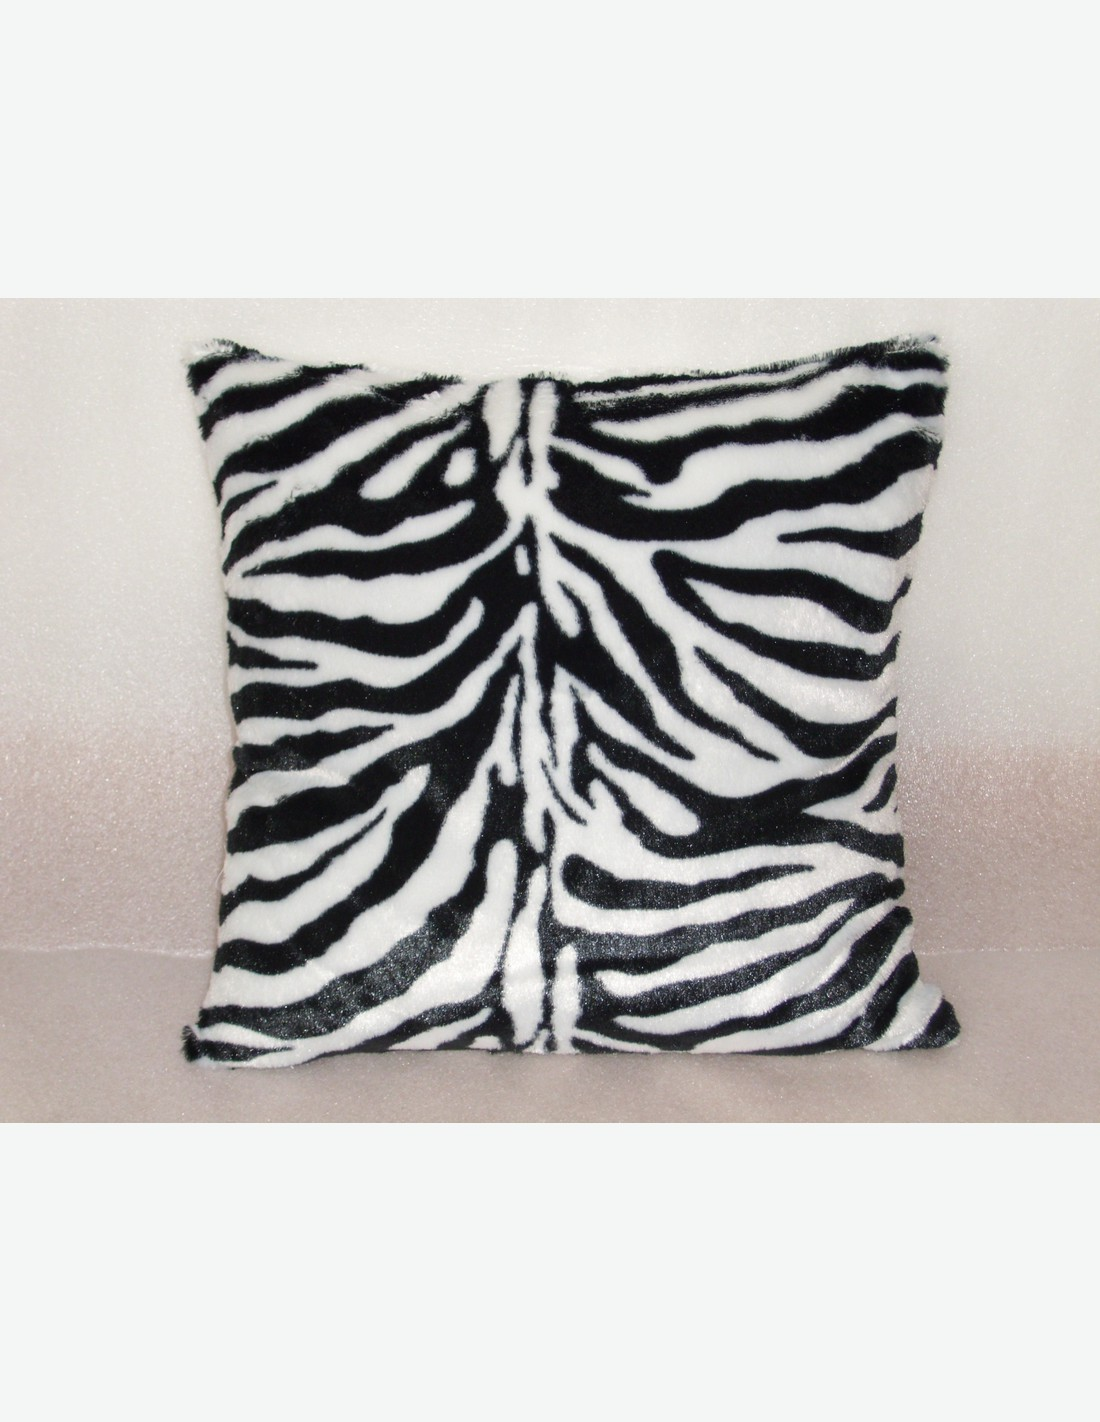 Anvitar.com : Zebra Gartenmobel Bilder ~> Interessante Ideen für die Gestaltung von Gartenmöbeln